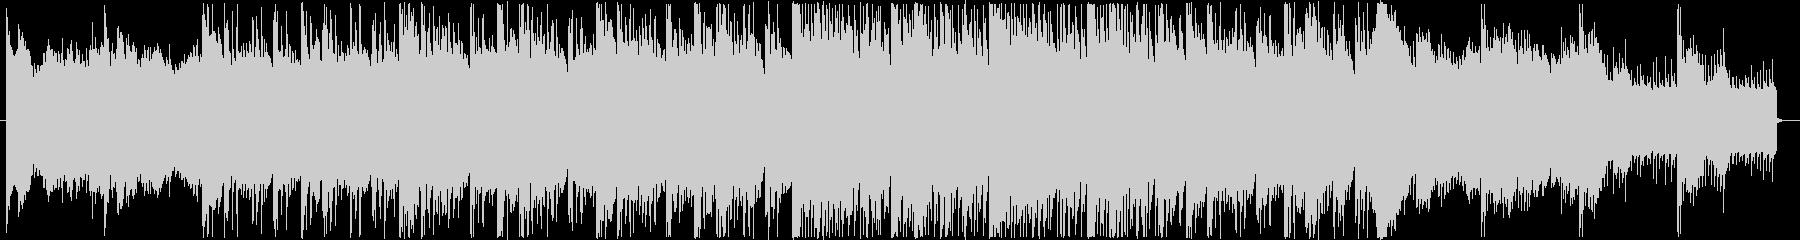 鐘の音が不気味なホラー用BGMの未再生の波形